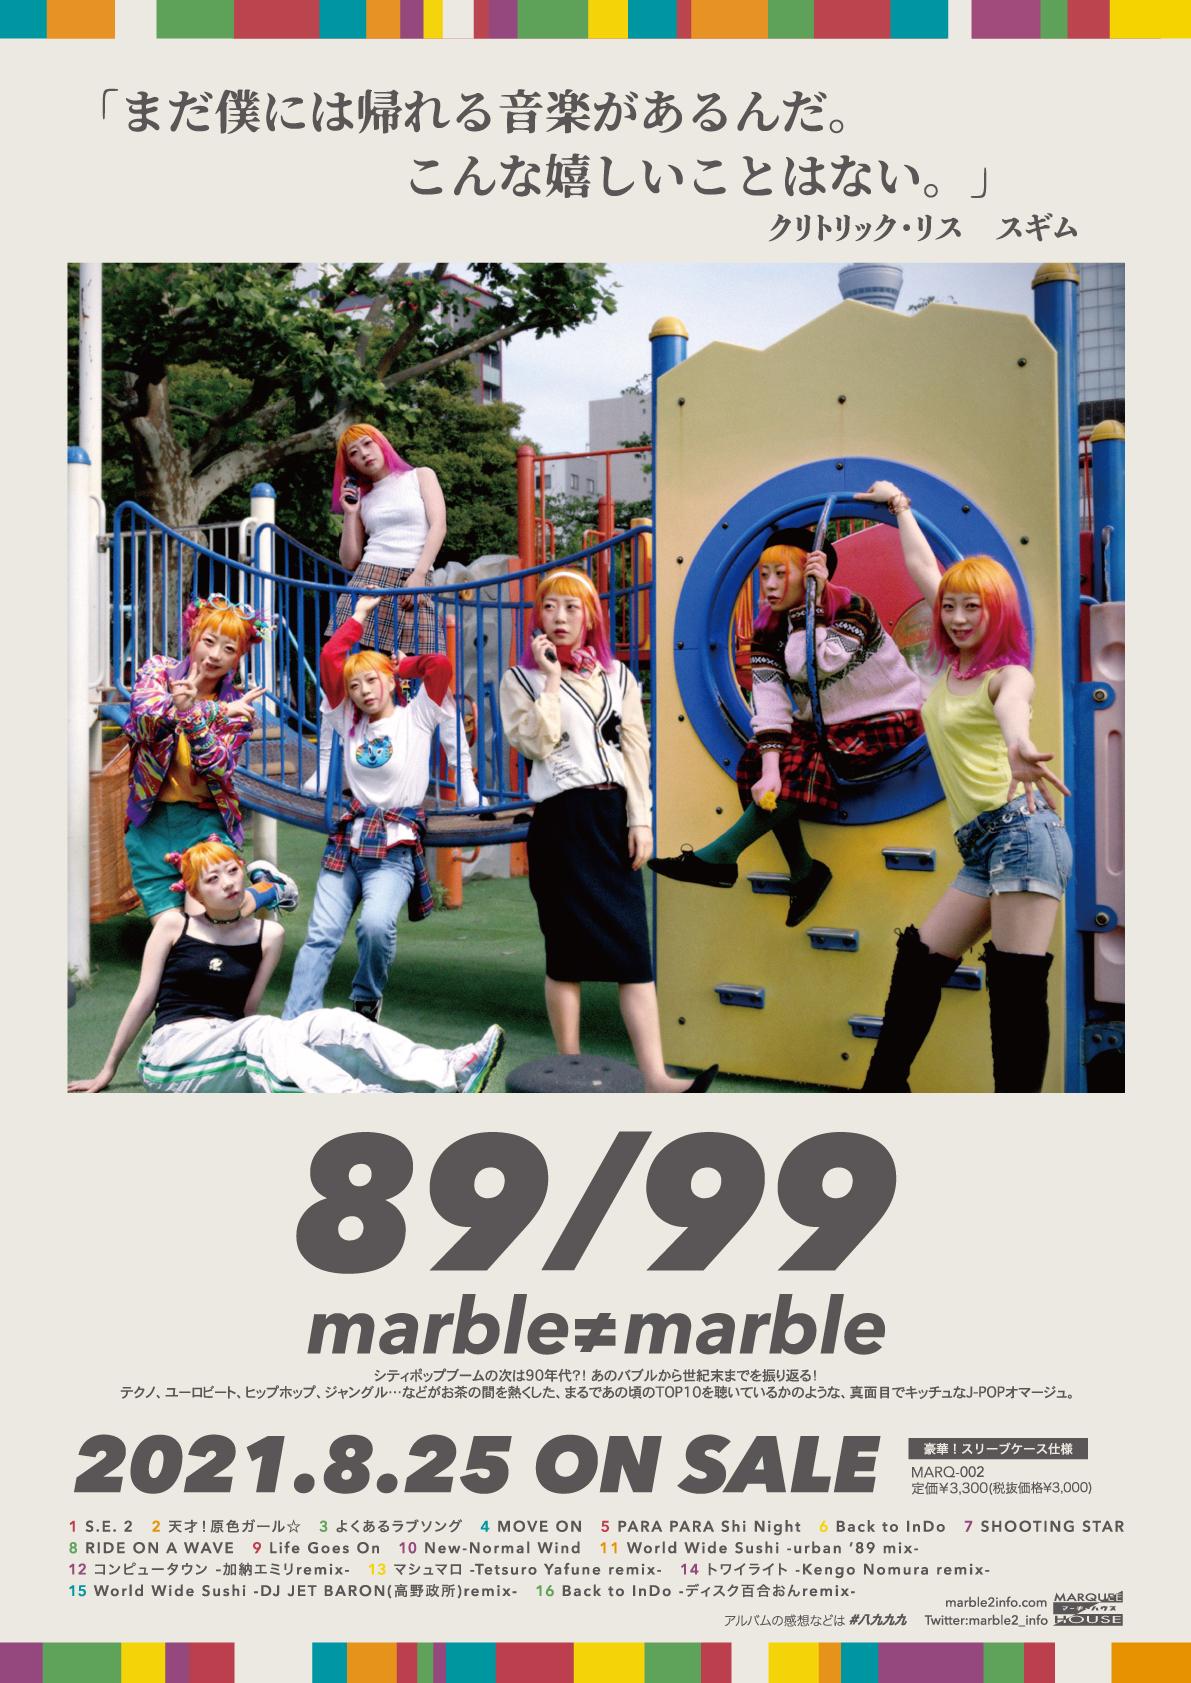 俺を照らす89/99 〜 marble≠marble「89/99」レコ発2マンライブ 〜